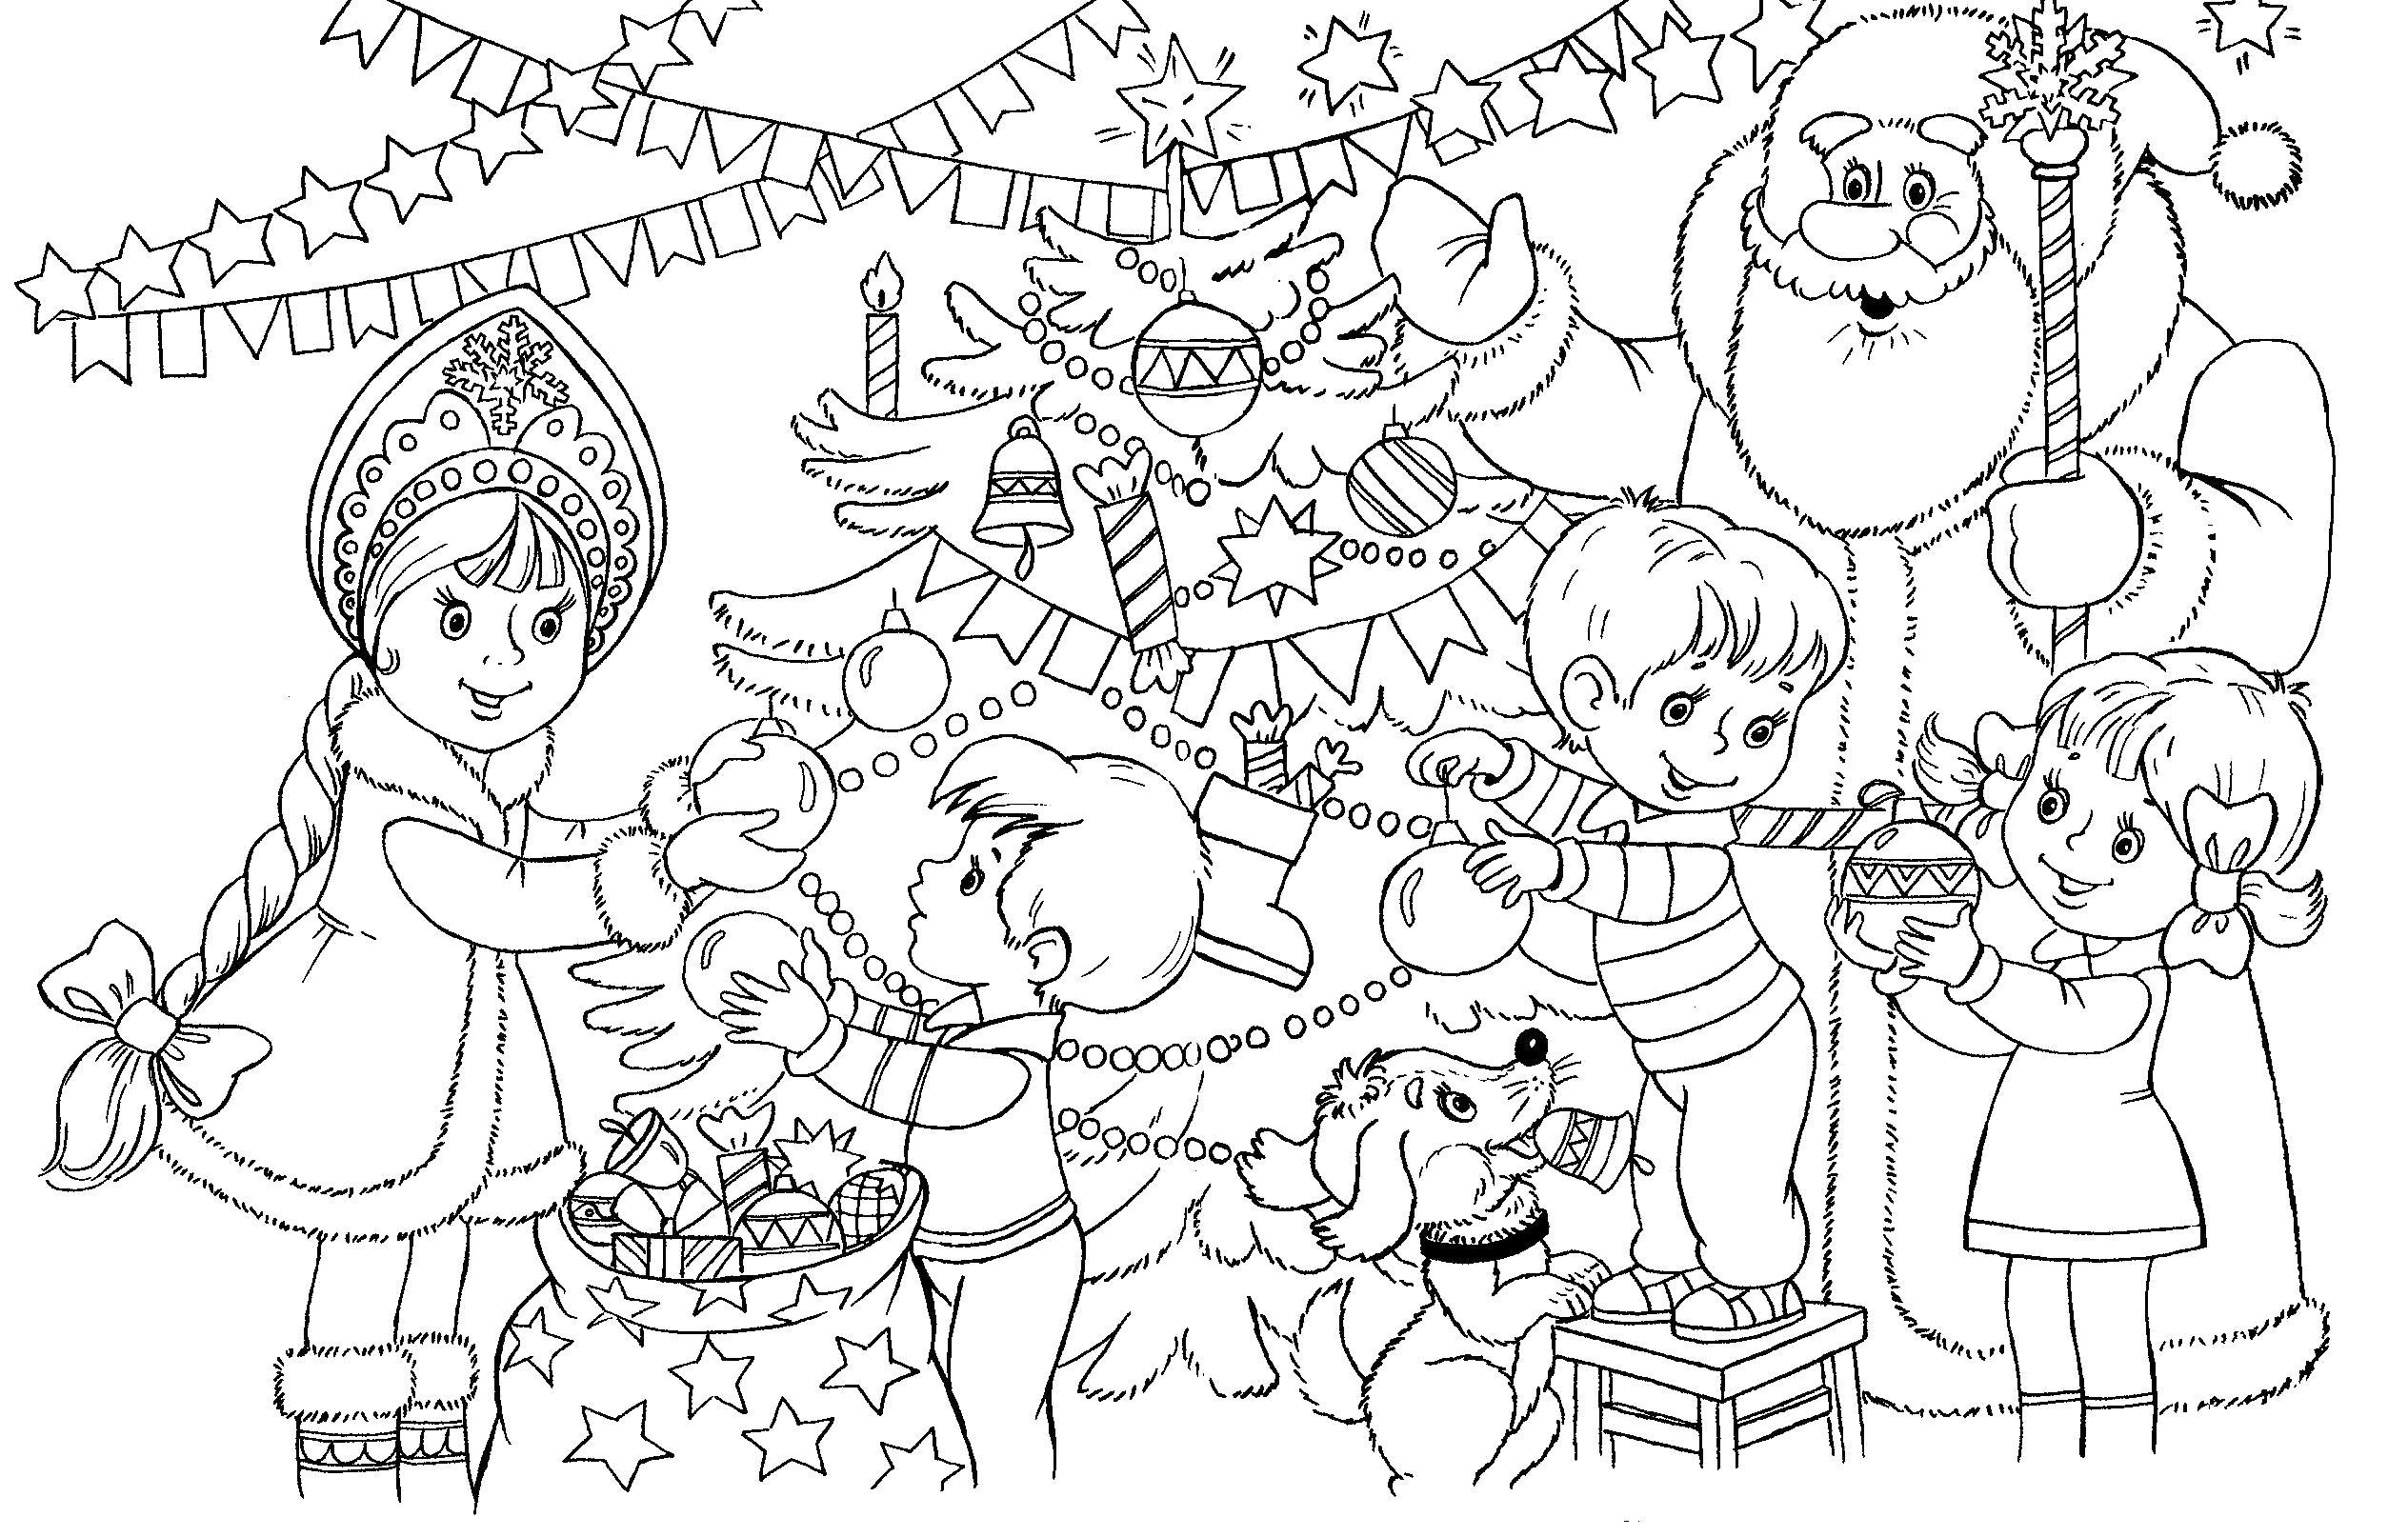 Раскраска дед мороз и его друзья украшают елку, дед мороз и снегурочка наряжают елку. Скачать новогодние.  Распечатать новогодние